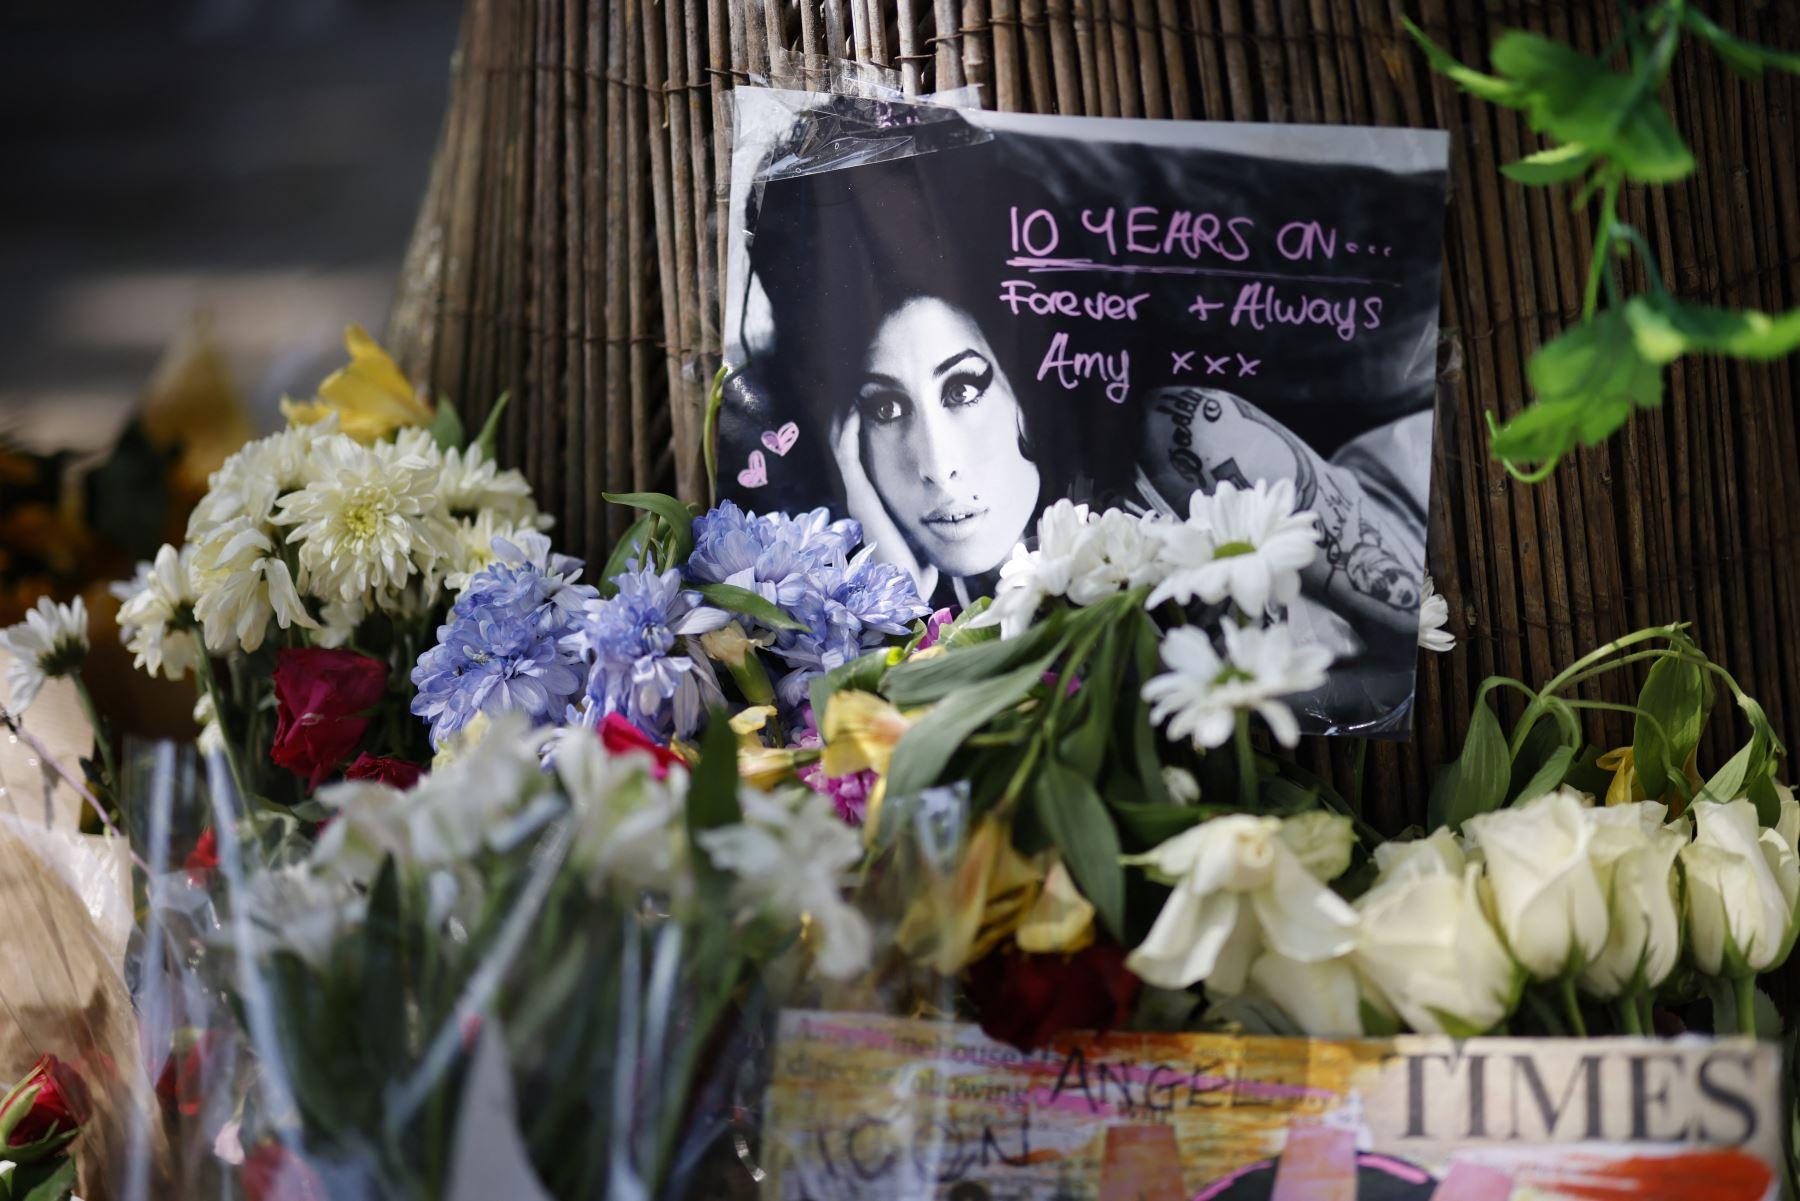 Ropa y objetos de Amy Winehouse salen a subasta por 2 millones de dólares